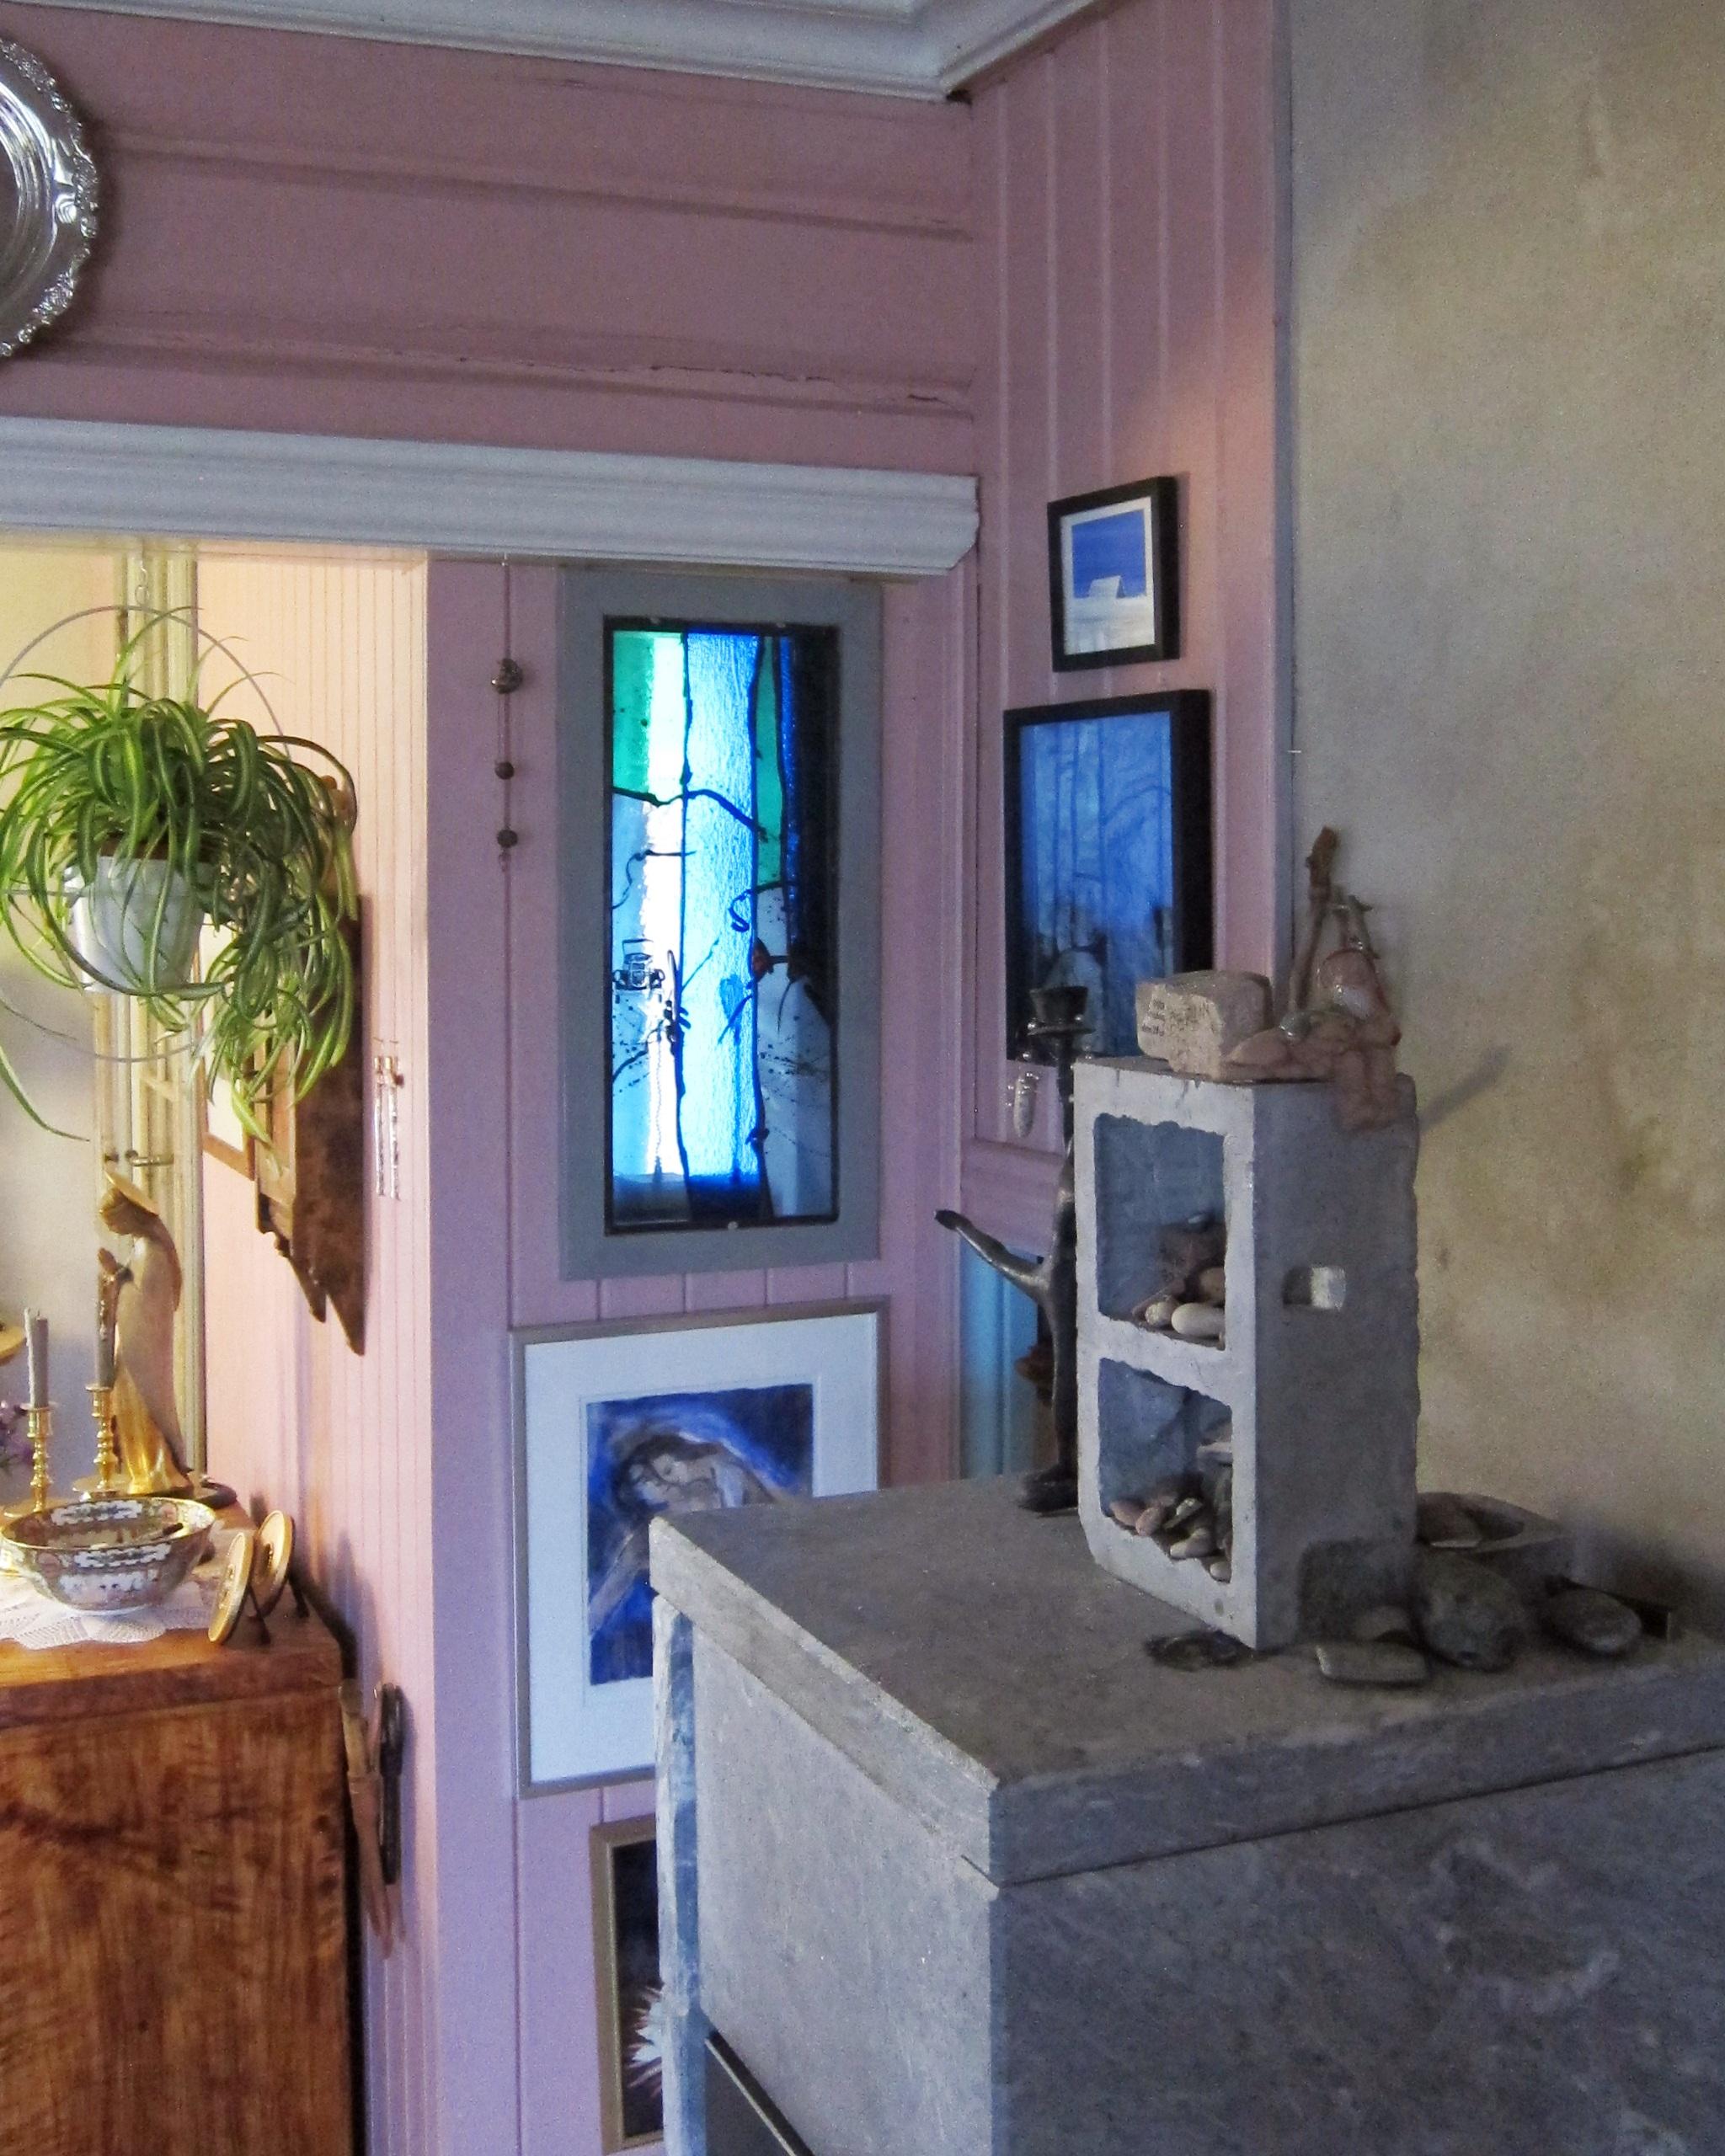 Linjordshagen - En liten åpning i veggen mellom stue og soverom slipper lyset inn til ovnskroken. Med et glassmaleri i noen sterke farger blir det en enda mer levende vegg!